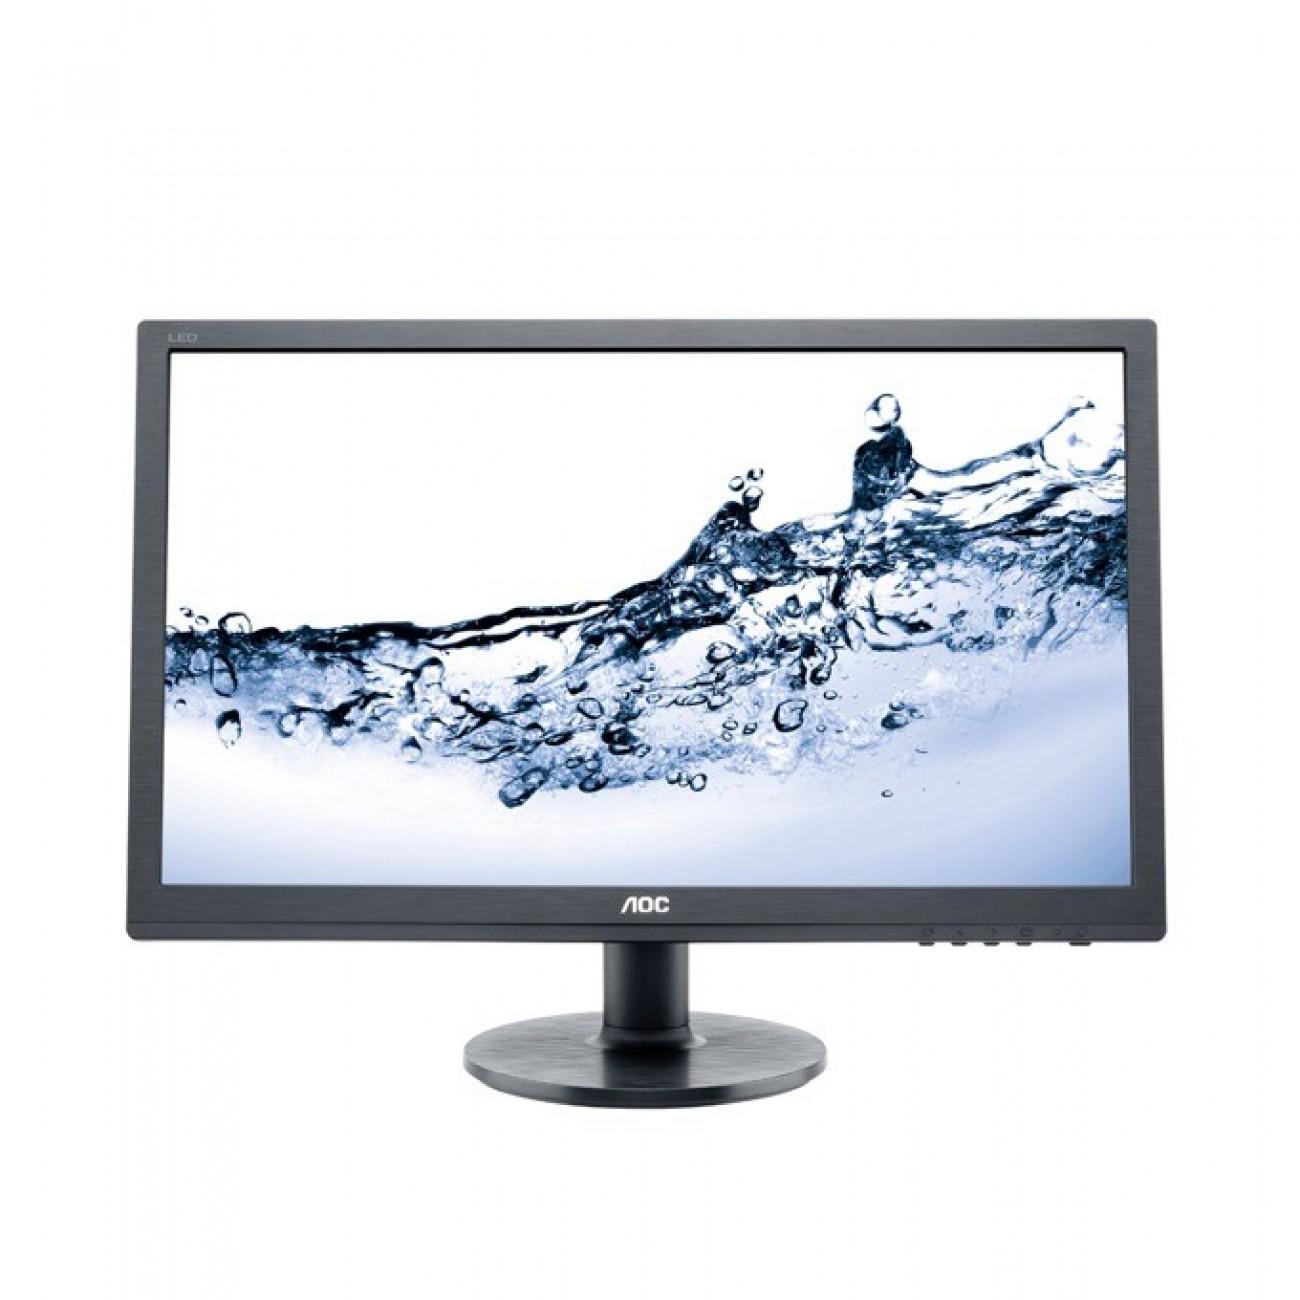 Монитор 24 (60.96cm) AOC e2460Sh, 1ms, 20 000 000:1, 250cd/m2, HDMI & DVI в Монитори -  | Alleop